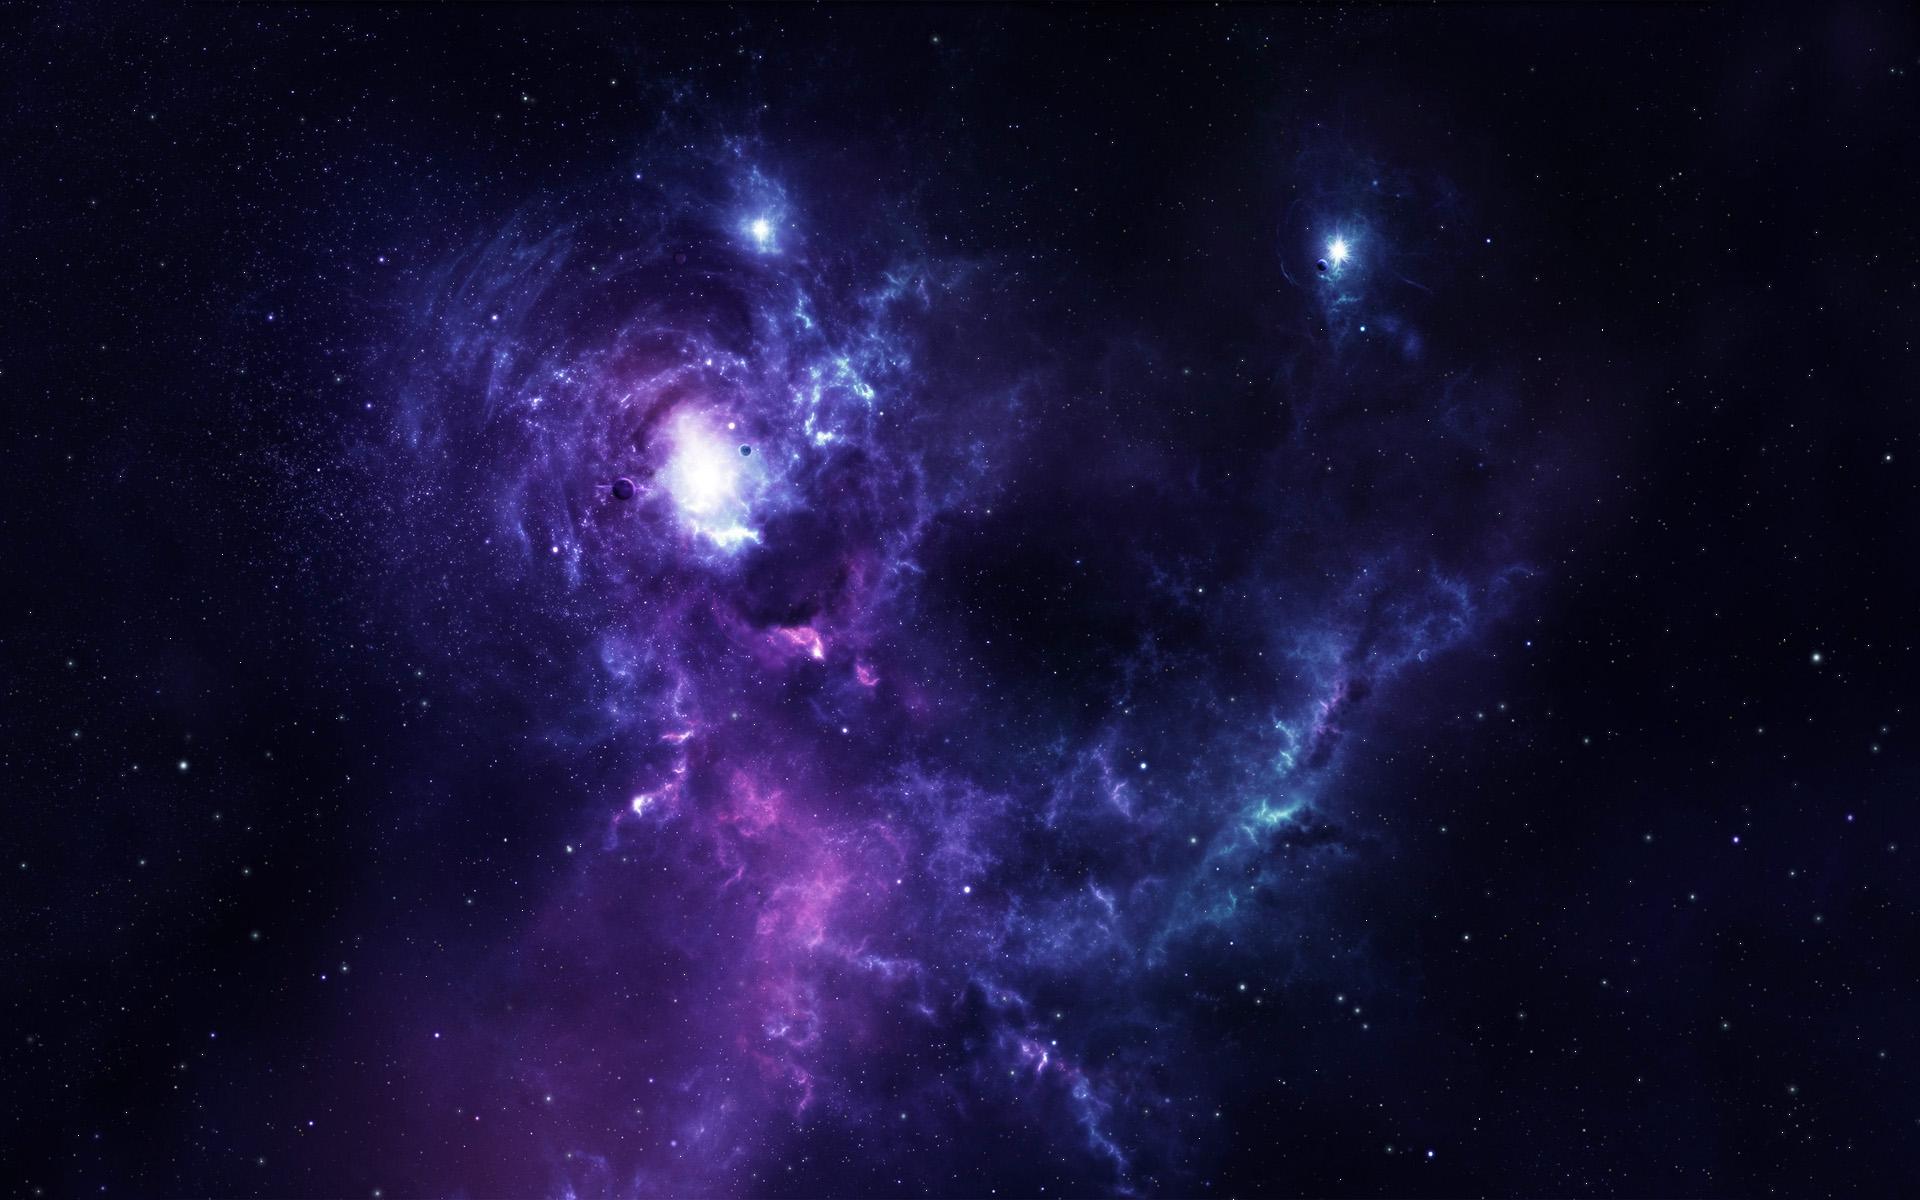 Evera Nebula